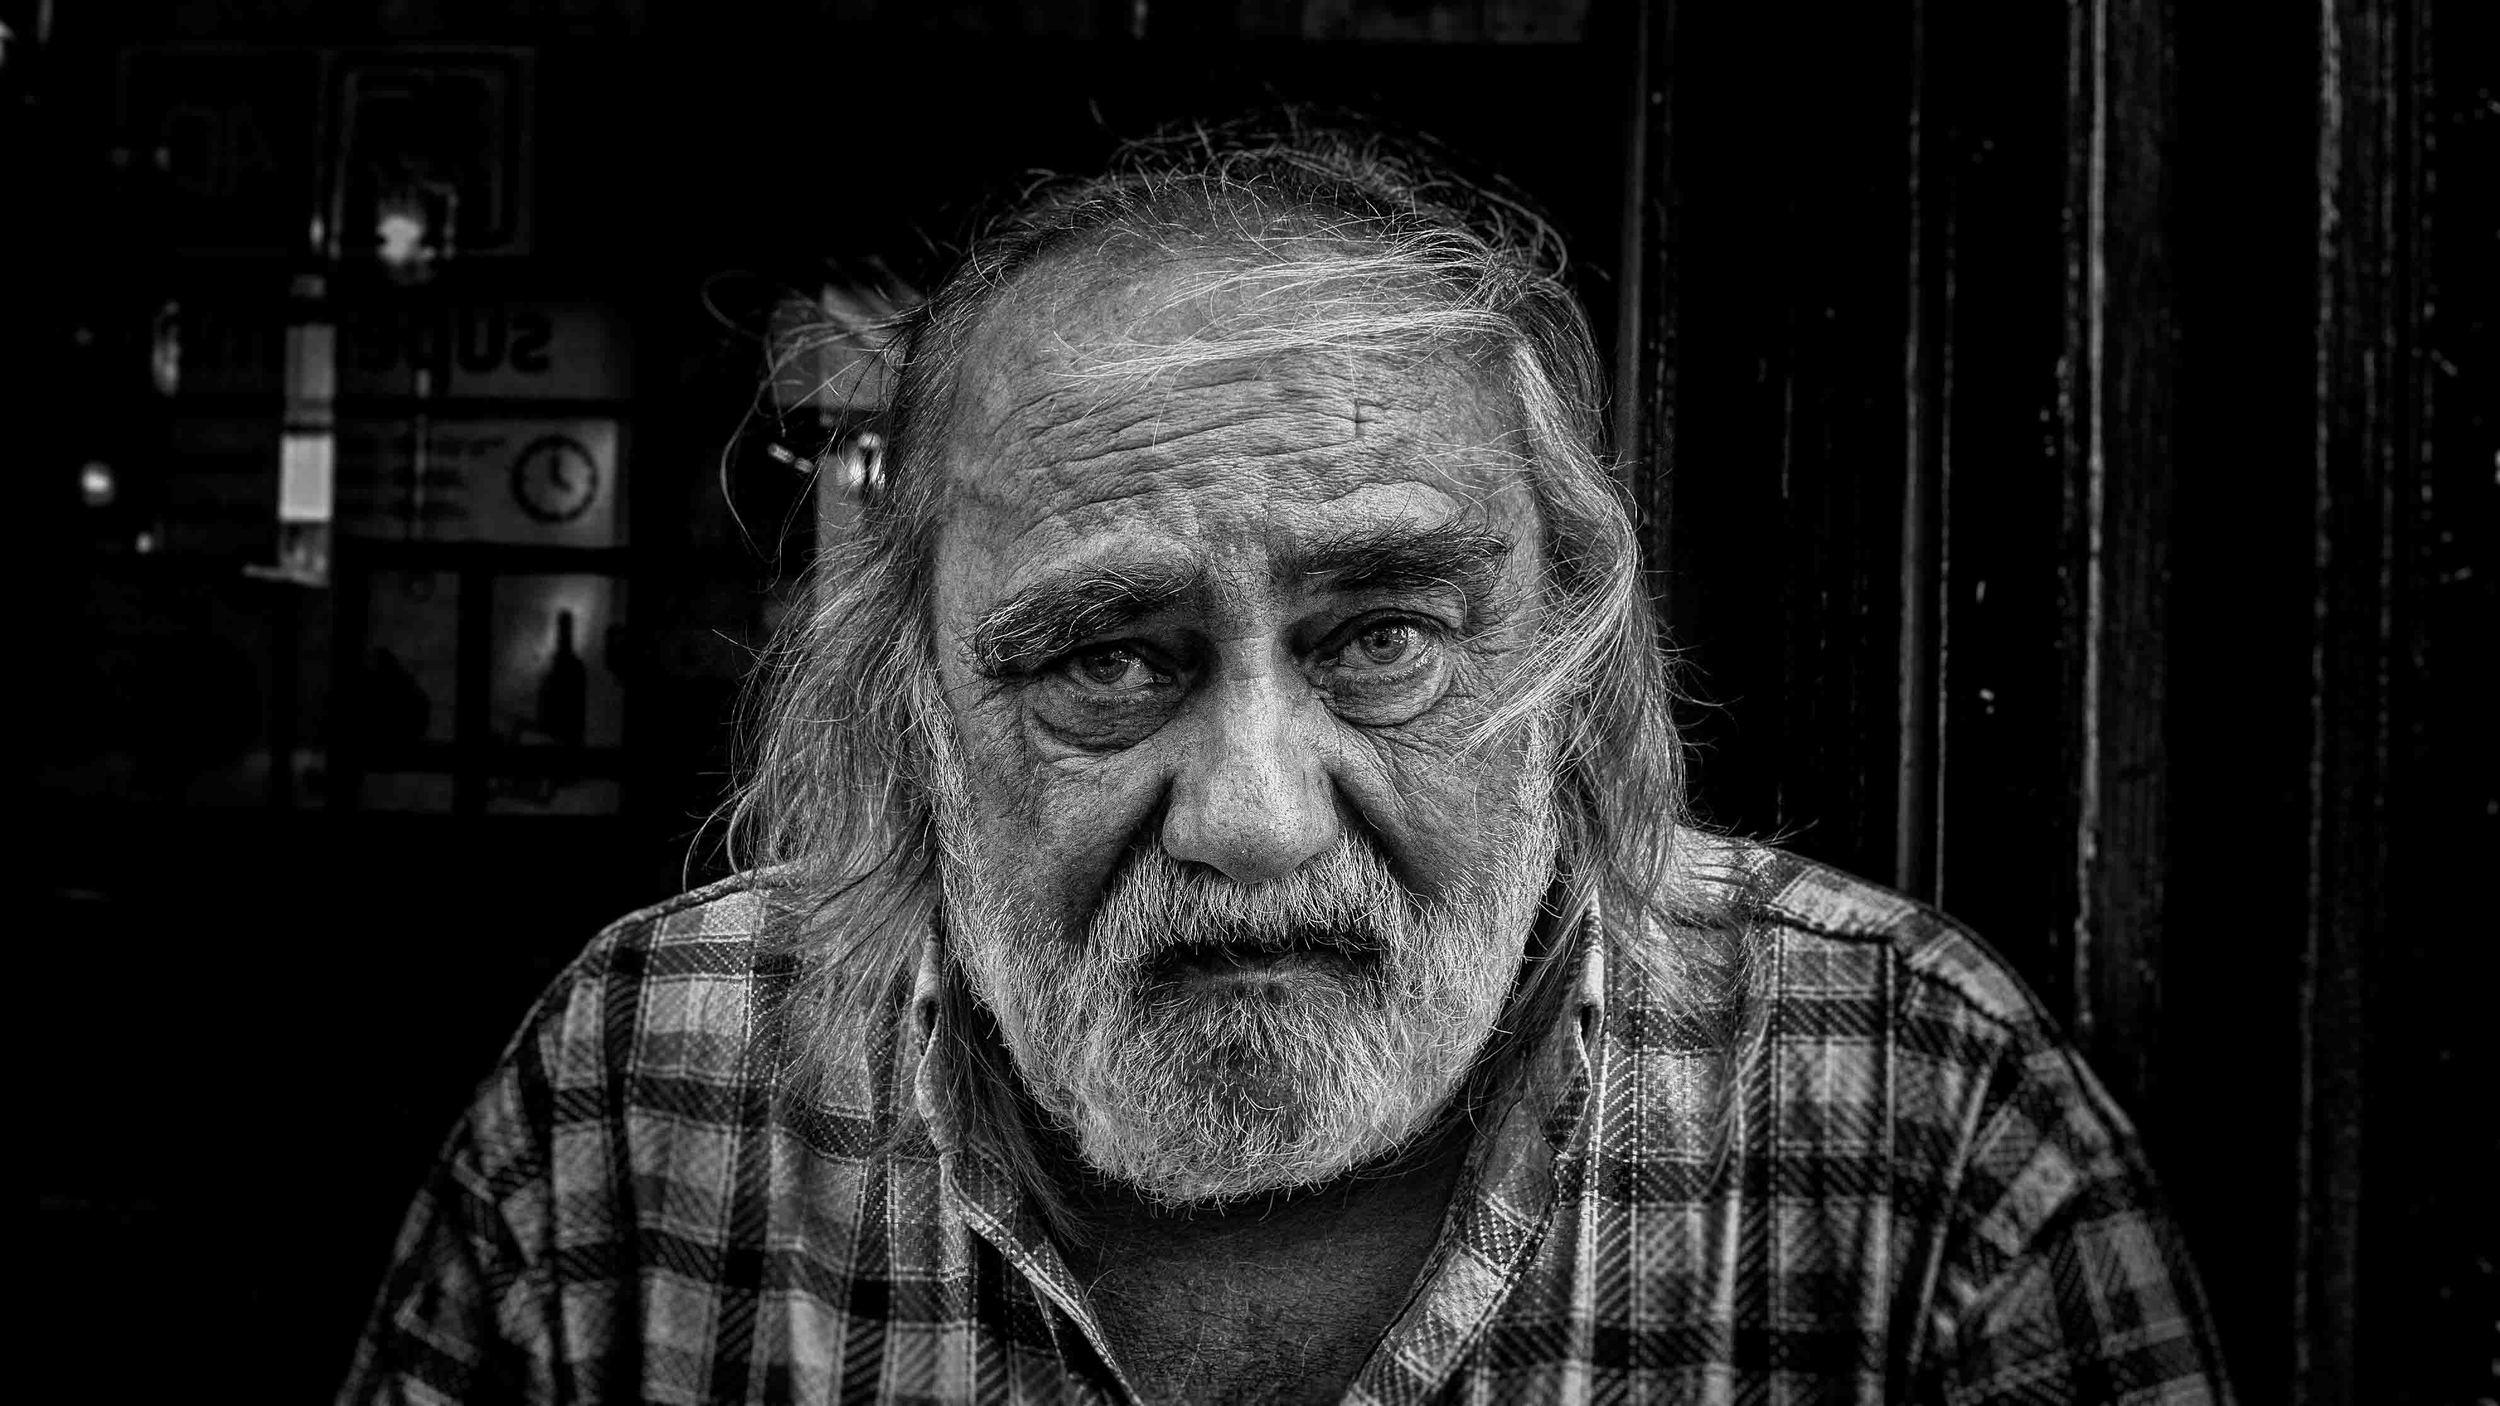 Viewfinder-looks-like-Viviane-Maier-straatfotografie-portret-Daniel-Brussel.jpg